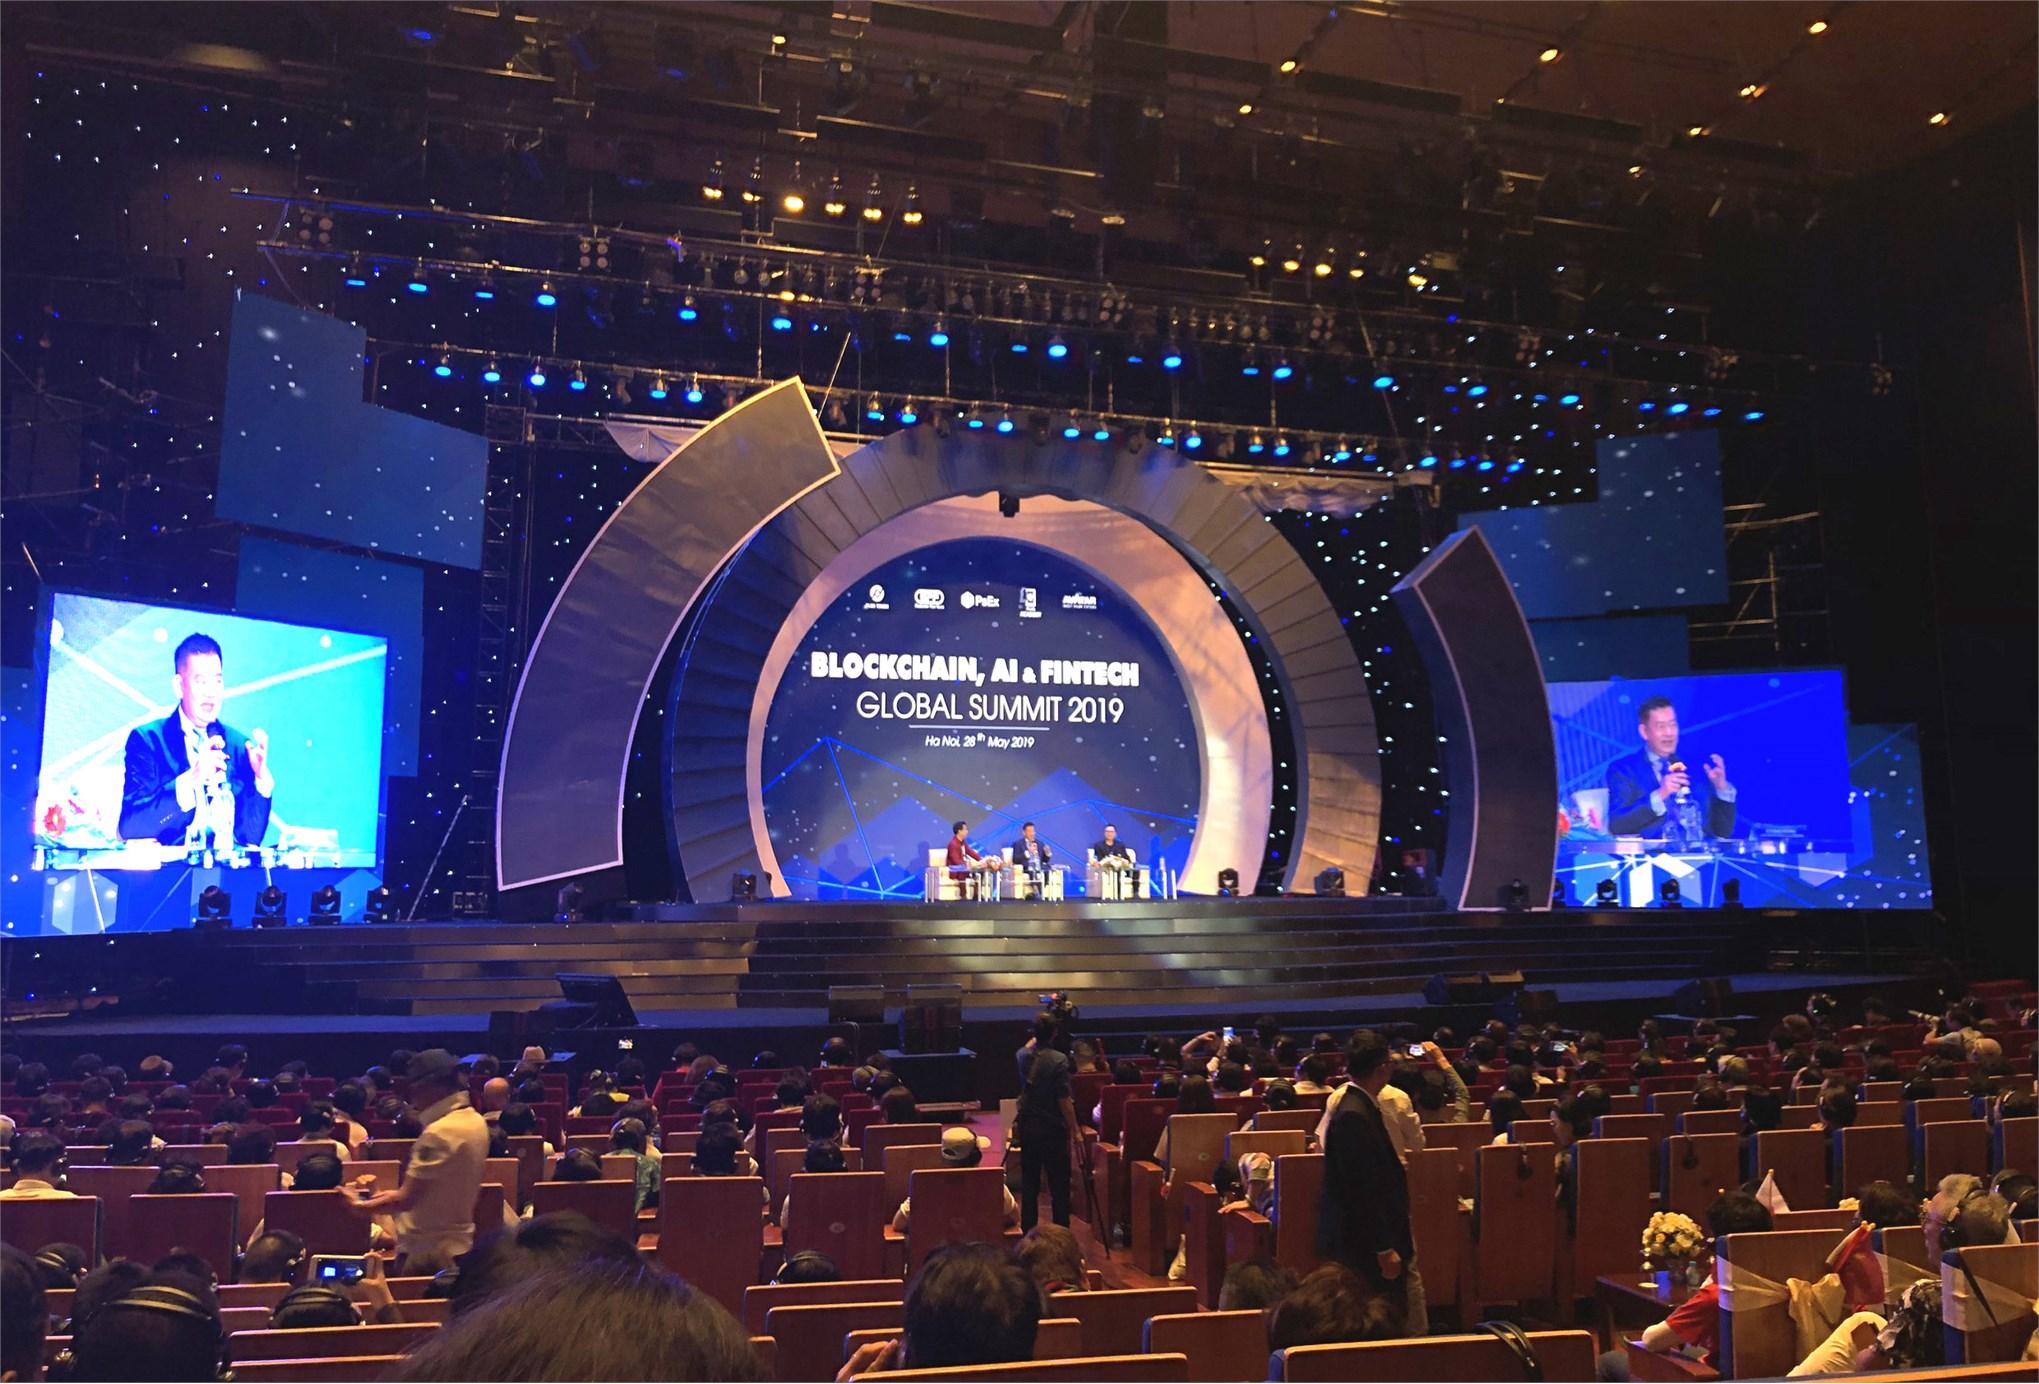 Hội nghị quốc tế Blockchain, AI và Fintech 2019